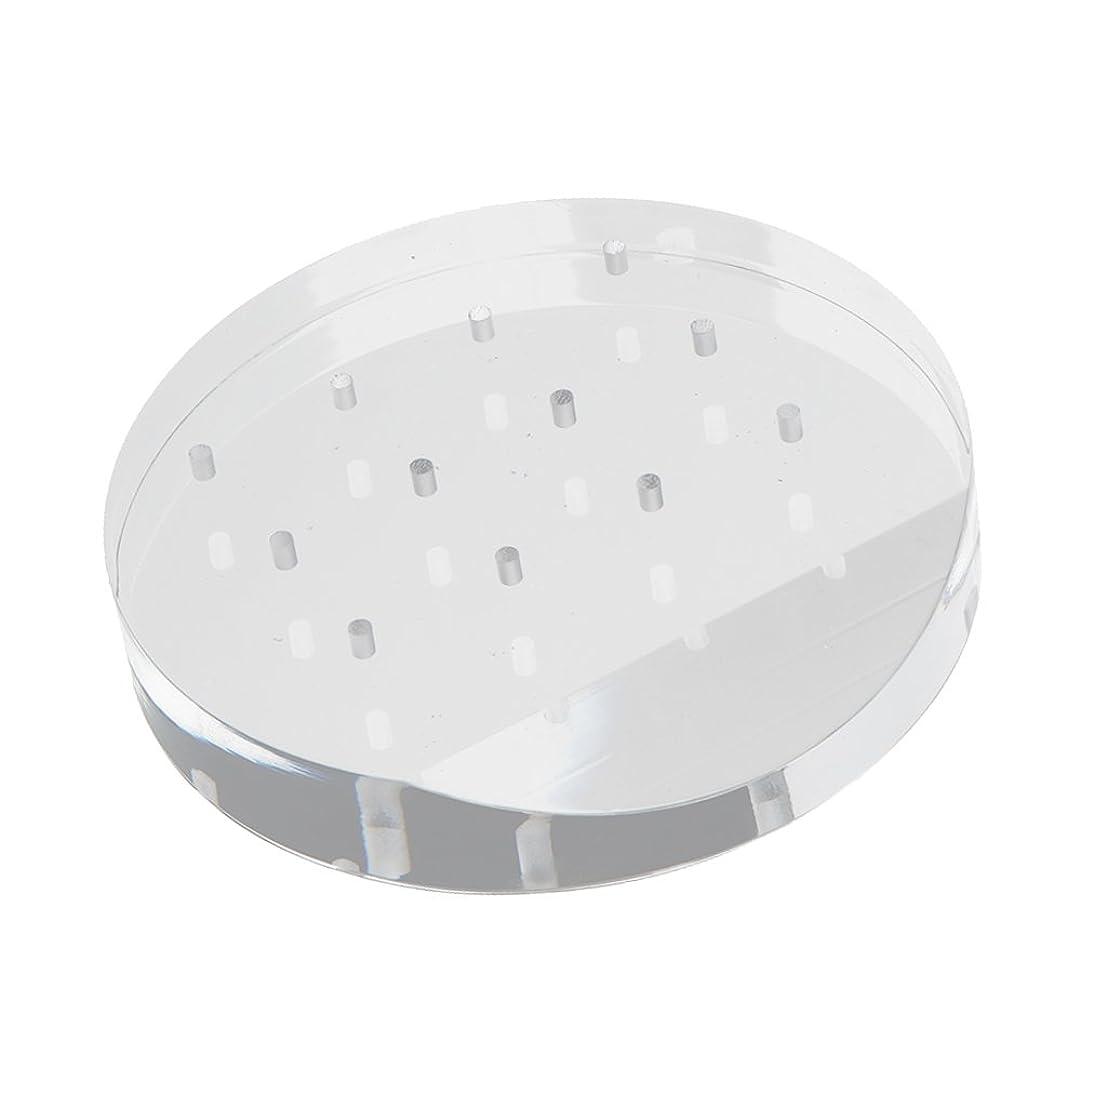 しがみつくそよ風カジュアルネイルドリルビット ホルダー スタンド アクリル 12穴 マニキュア ネイル 収納オーガナイザー 便利 高品質